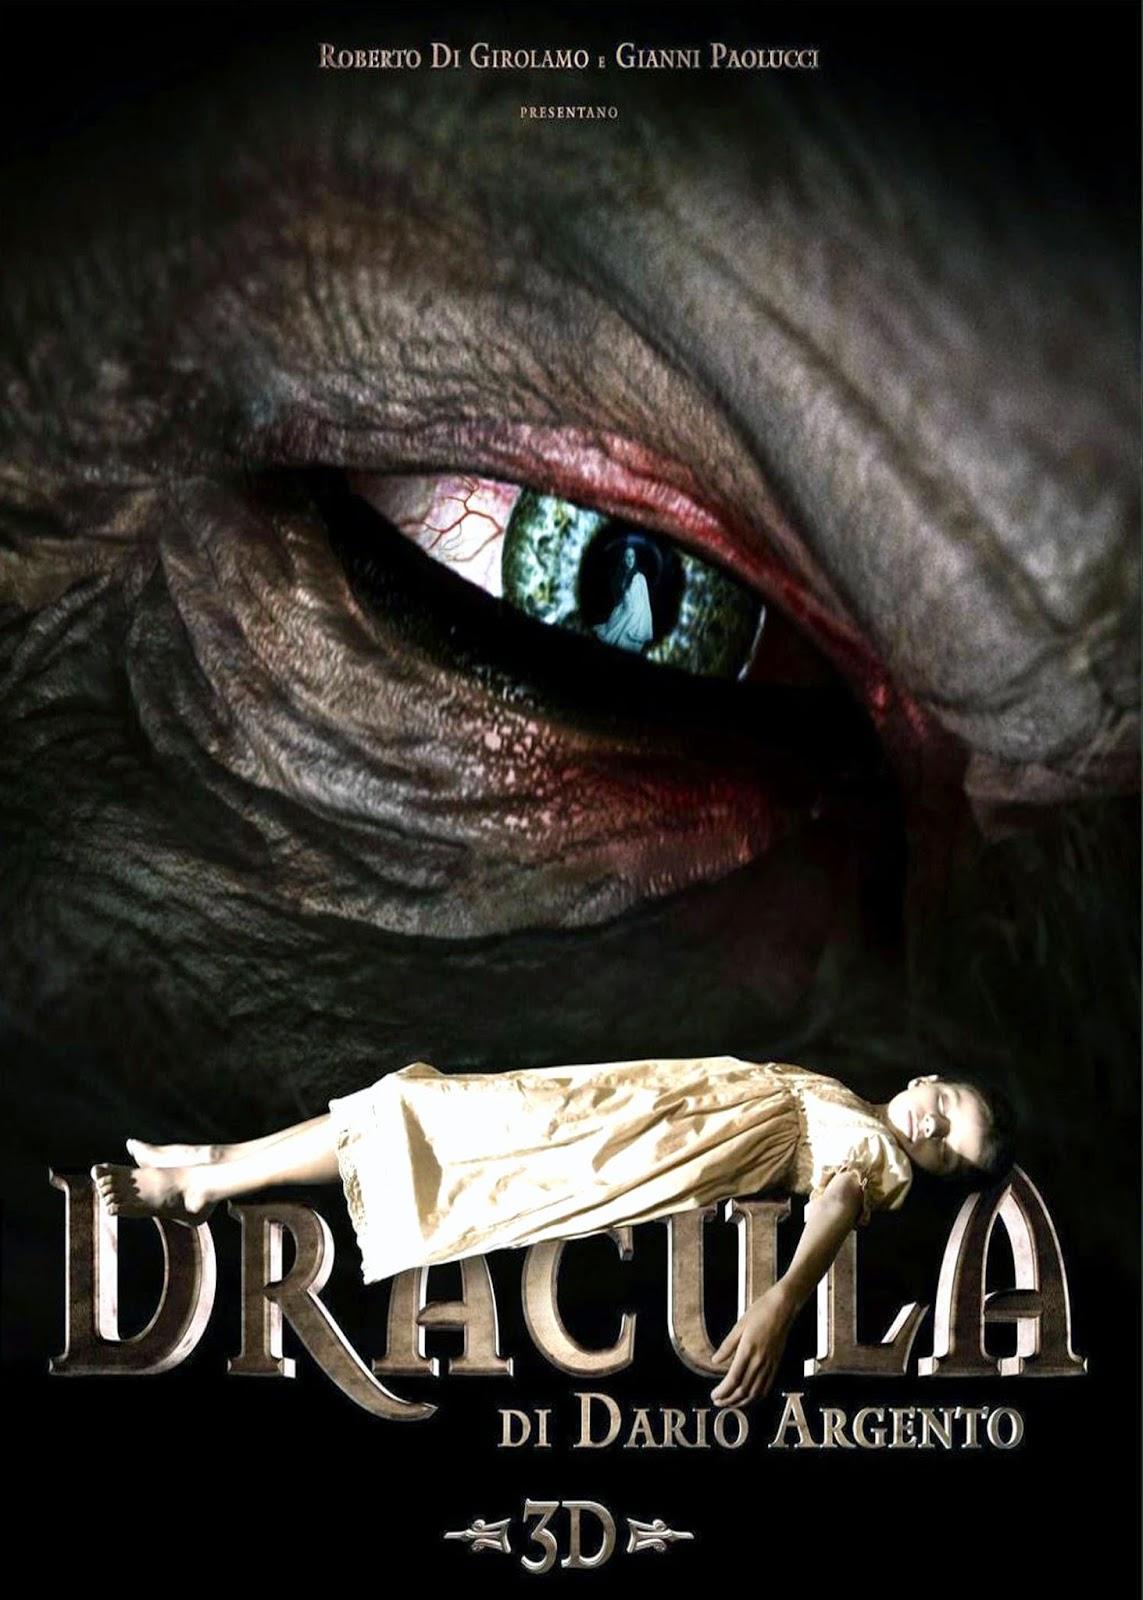 Drácula 3D (2012)